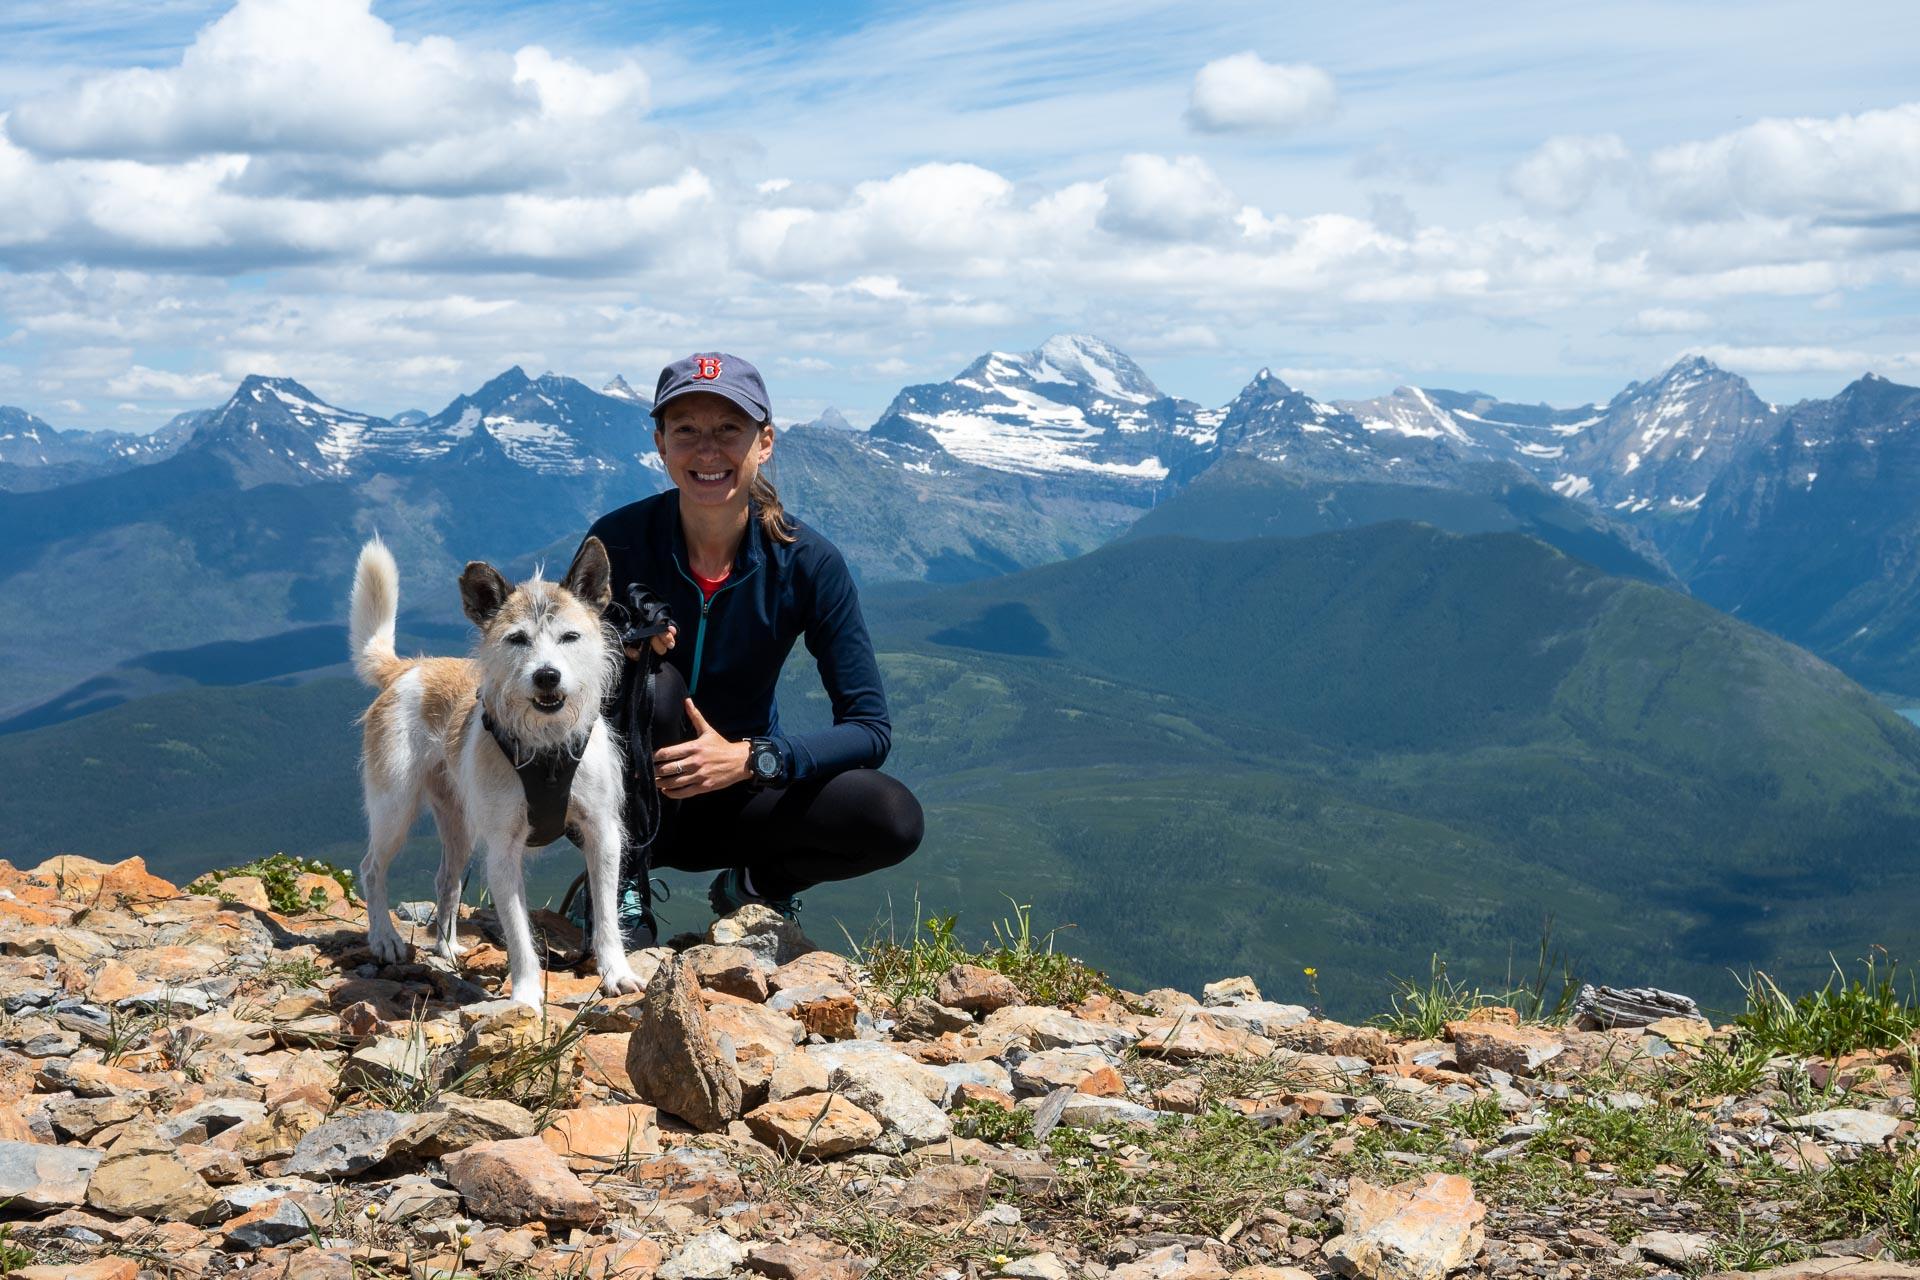 Ousel Peak summit